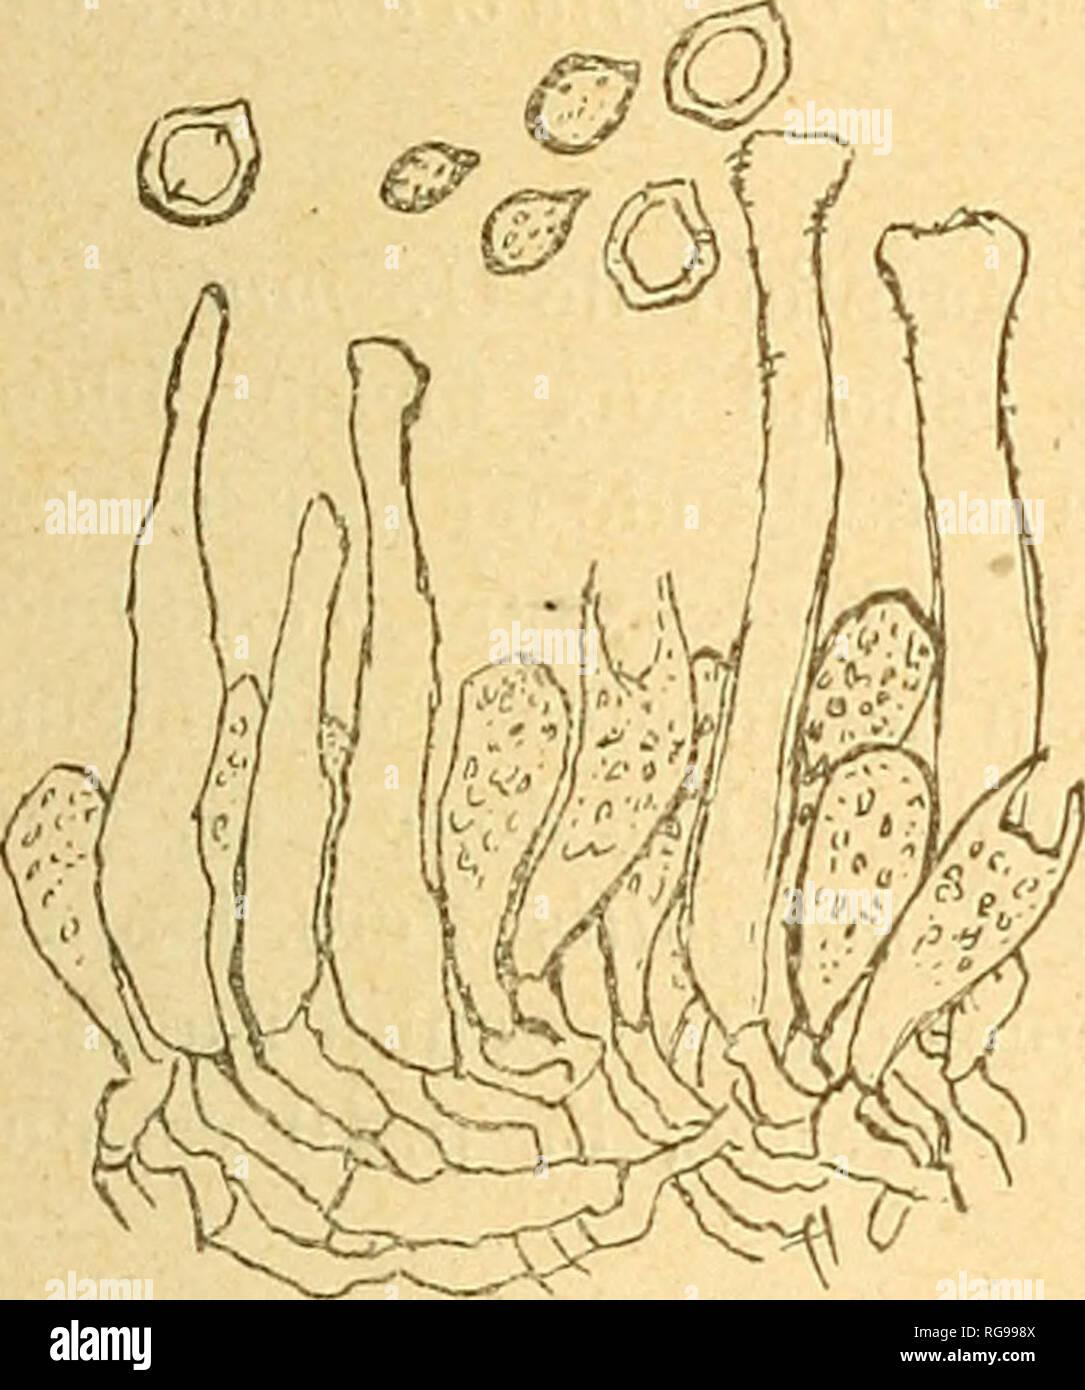 . Bulletin trimestriel de la Société mycologique de France. Mycology; Fungi; Fungi. SUR QUELQUES HYMENOMYCETES. 73 corticioïde : hyphes ampullacées jusqu'à 7-9 fz ; spores obovfQes, finement spinuleuses, 5-7 X 3,5-4,5 [x. â Le Cristella cristata Pat. est établi sur le Merisma cristatum Pers. qui a été rapporté aussi à Sebacina laciniata et à Thelephora spiciilosa ; mais les termes du Synopsis Â« pallidum, odore et sapore mucidum n, et surtout le mot Â« subcoriaceum » de Pers, M. E. I., p. 153, mon- trent qu'il s'agit bien du Sahacina laciniata. Peniophora abietis B. et G. var. pinastr Stock Photo